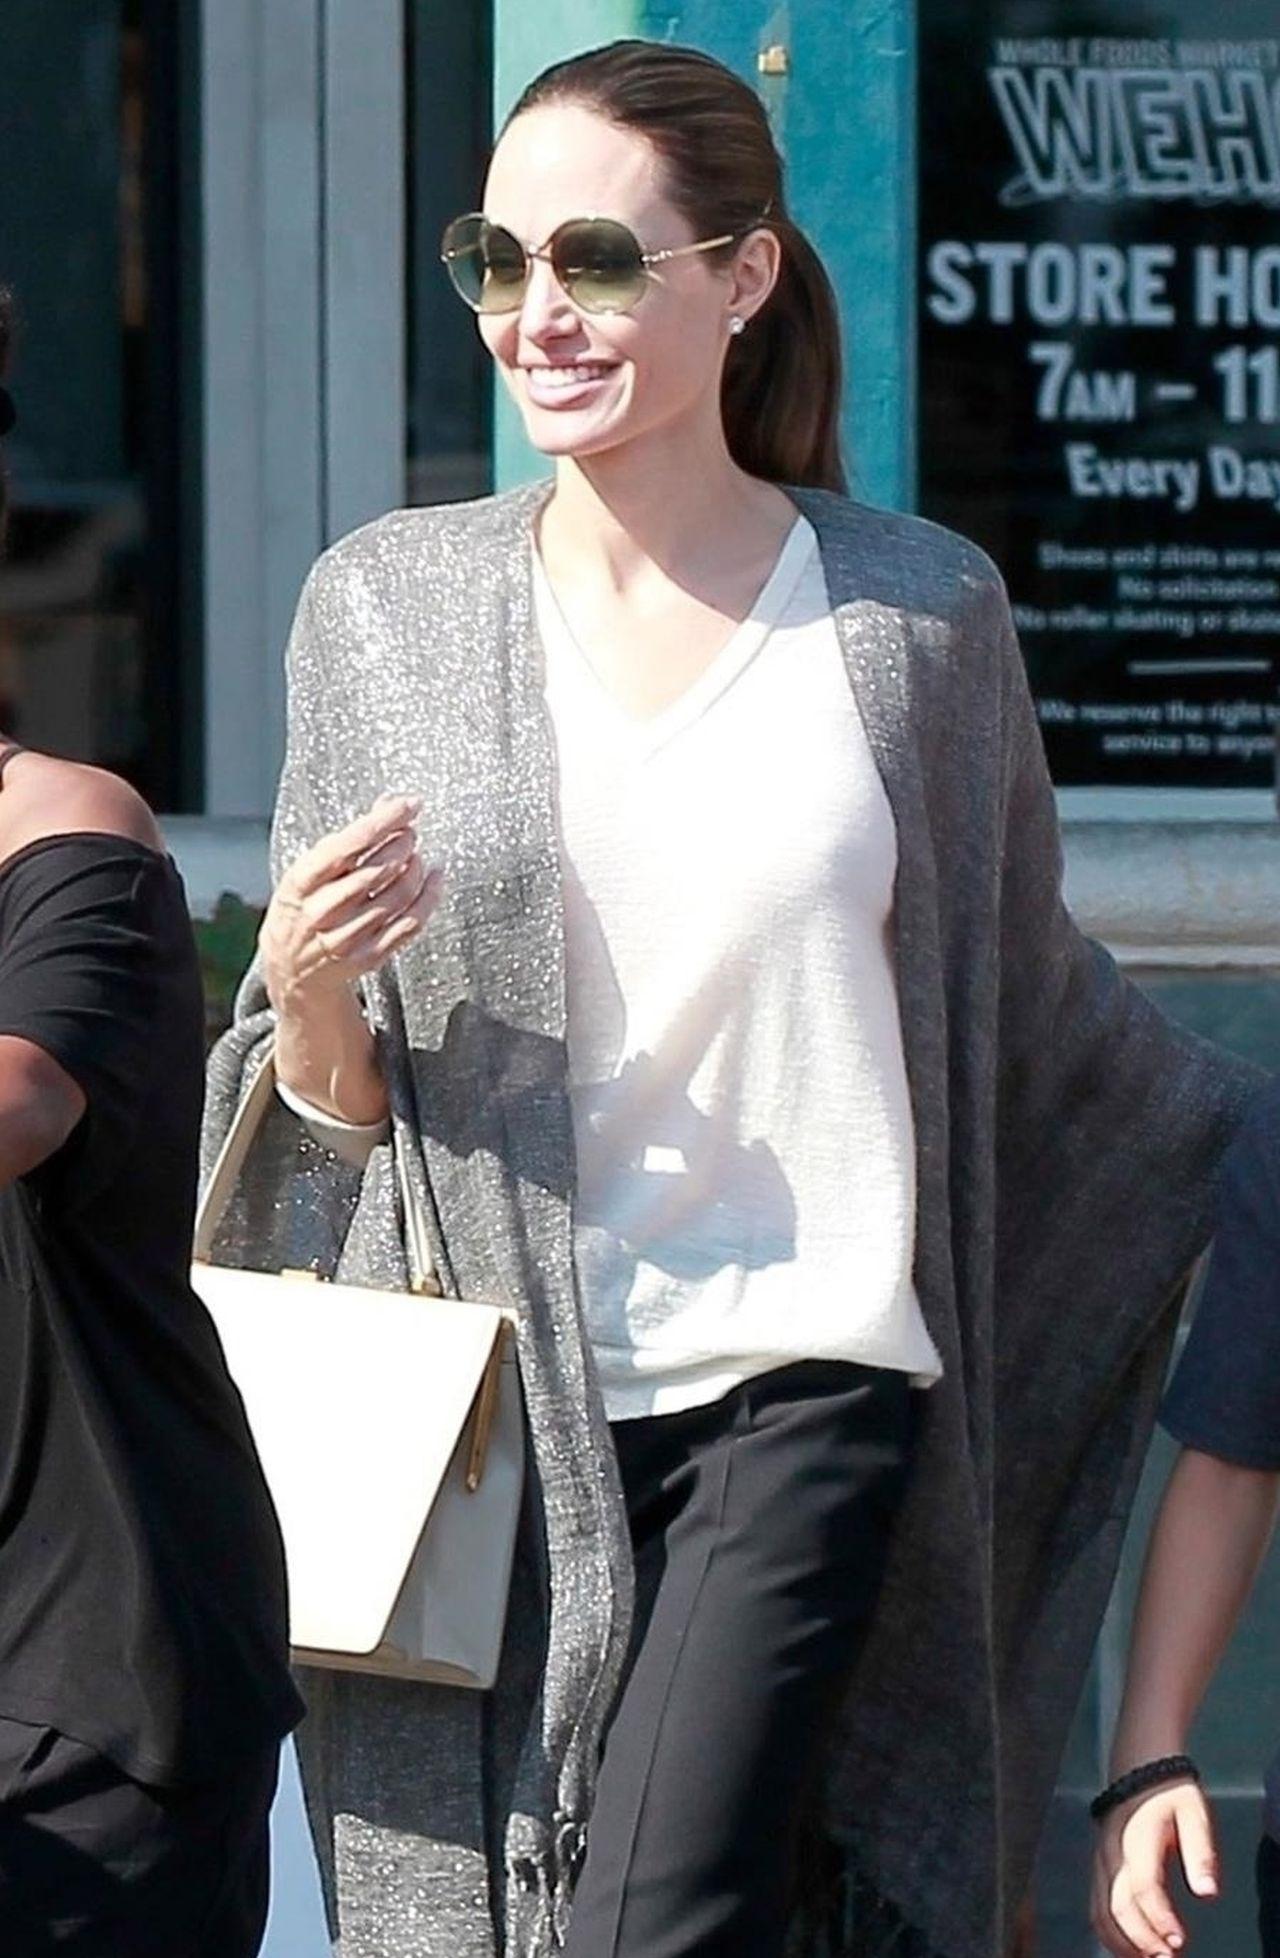 UŚMIECHNIĘTA Angelina Jolie na zakupach z dziećmi (ZDJĘCIA)